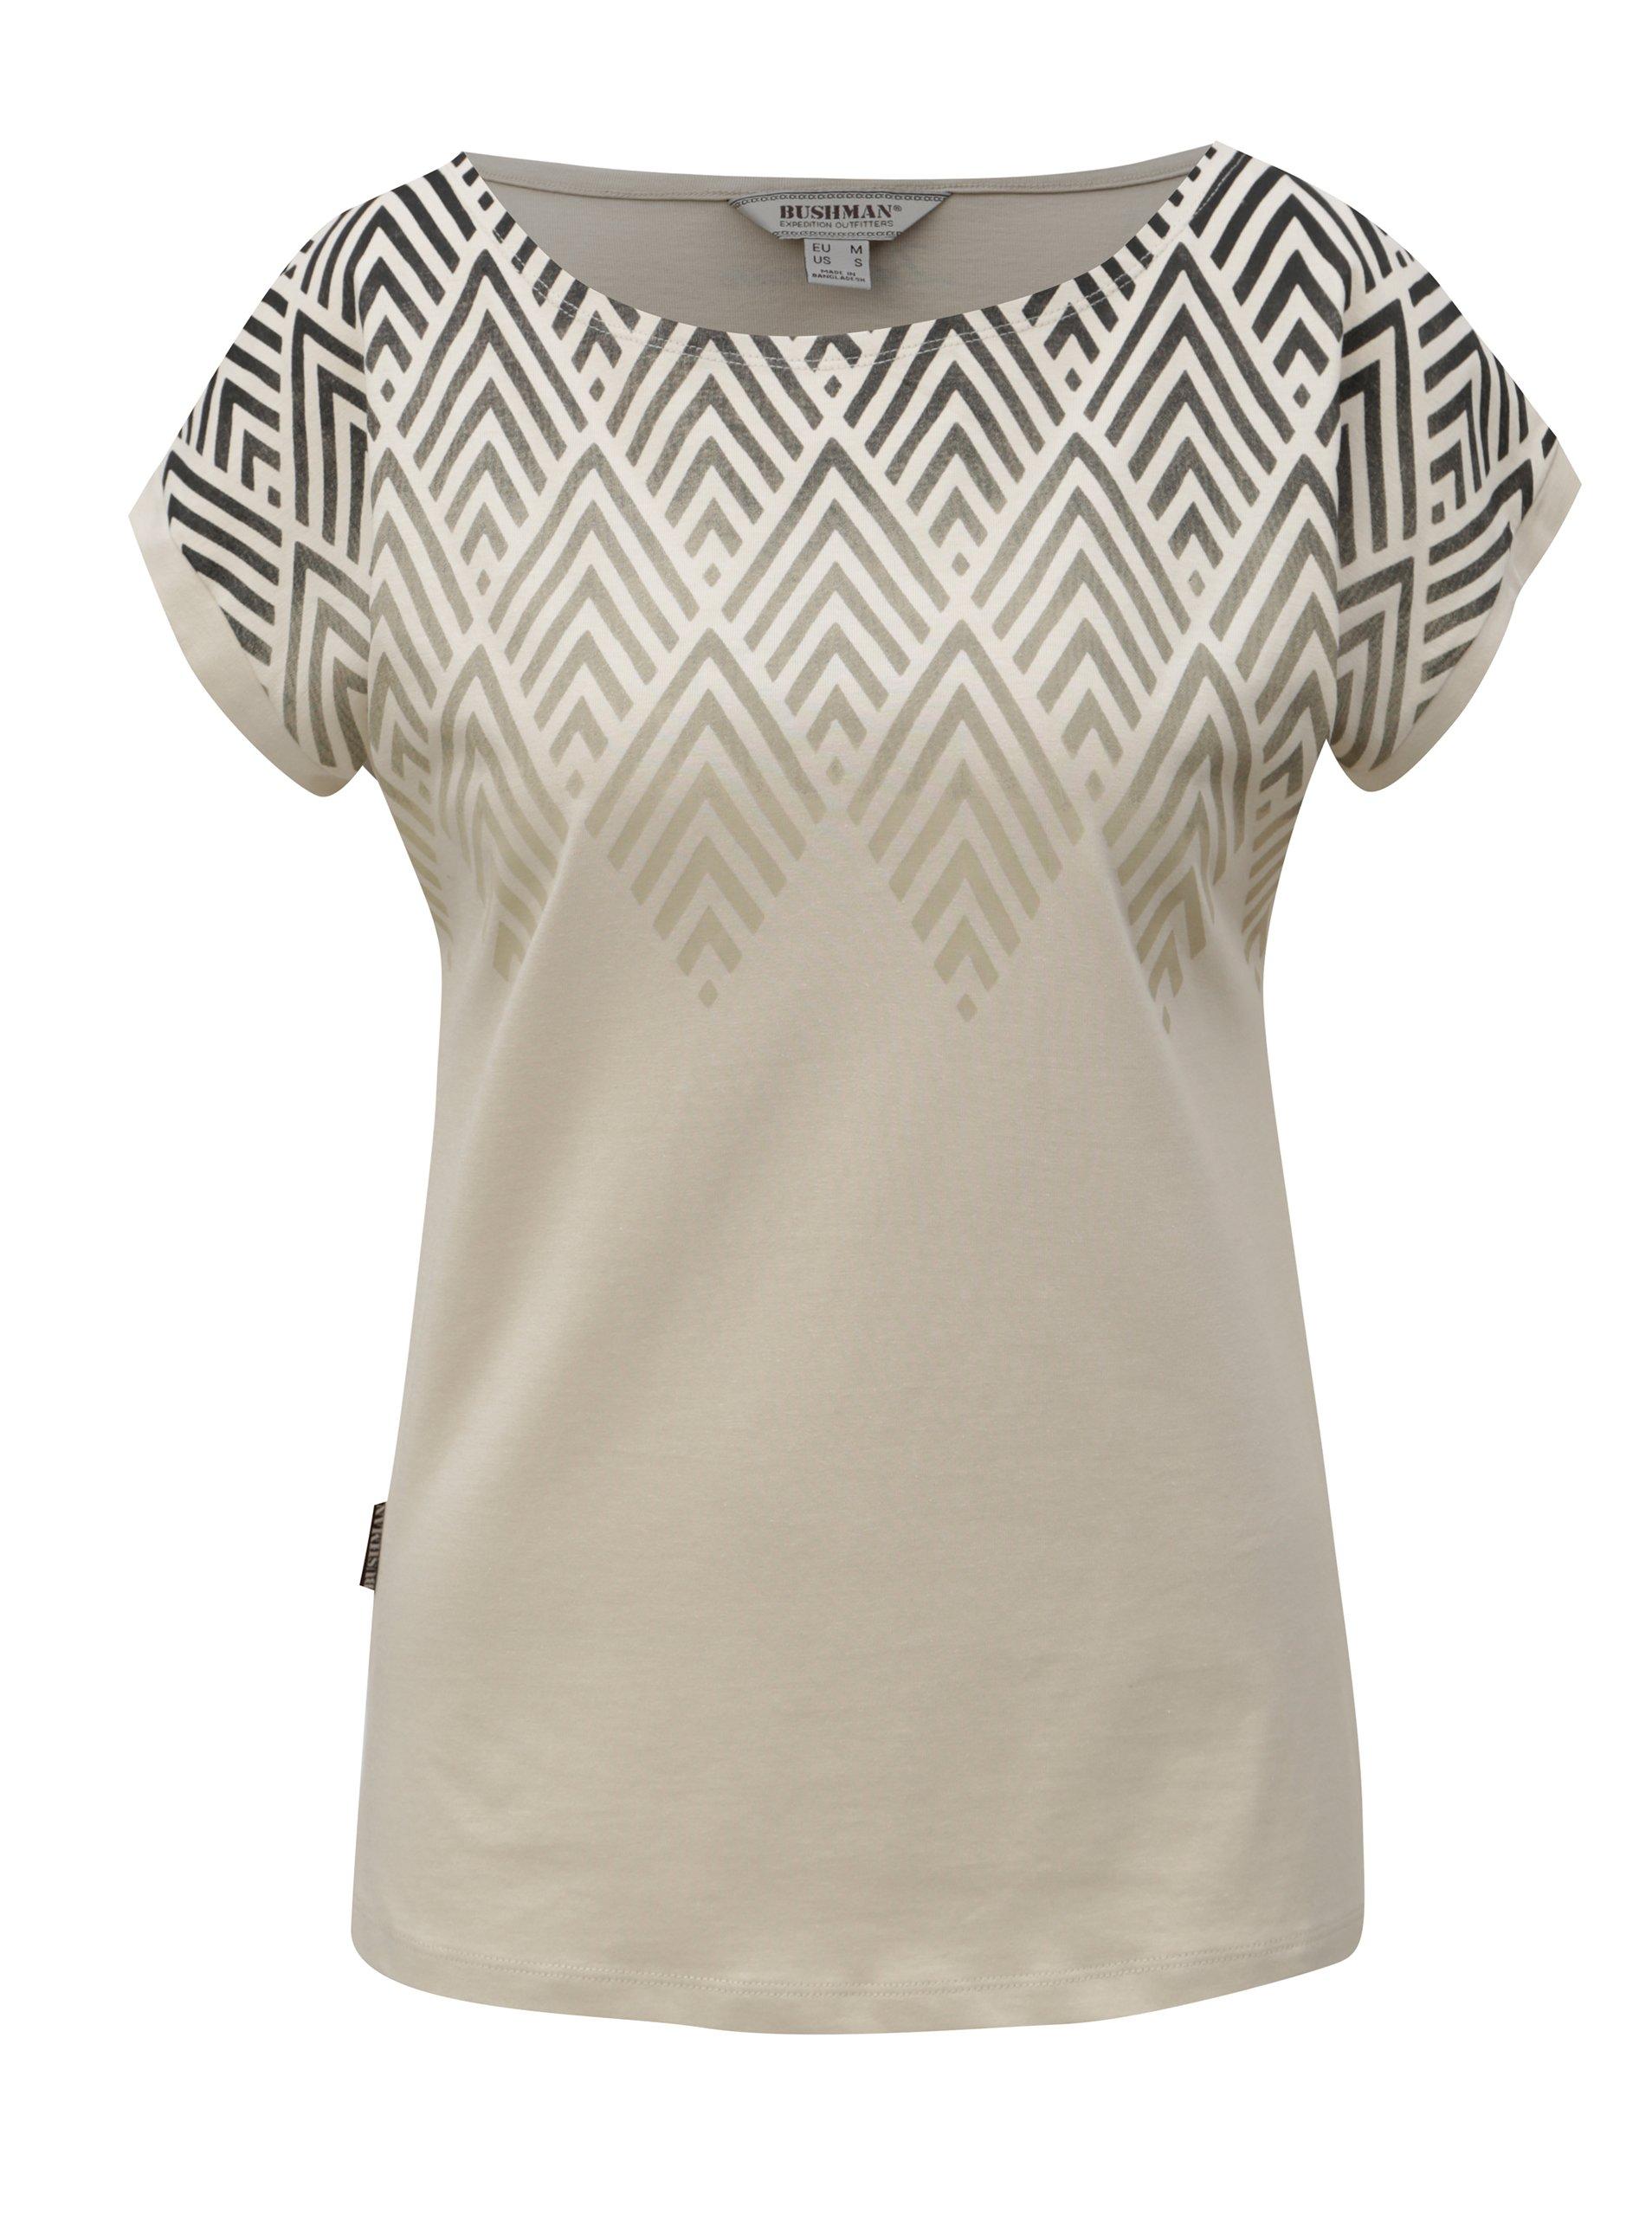 374fbfb0f109 Béžové dámske tričko s potlačou BUSHMAN Cala